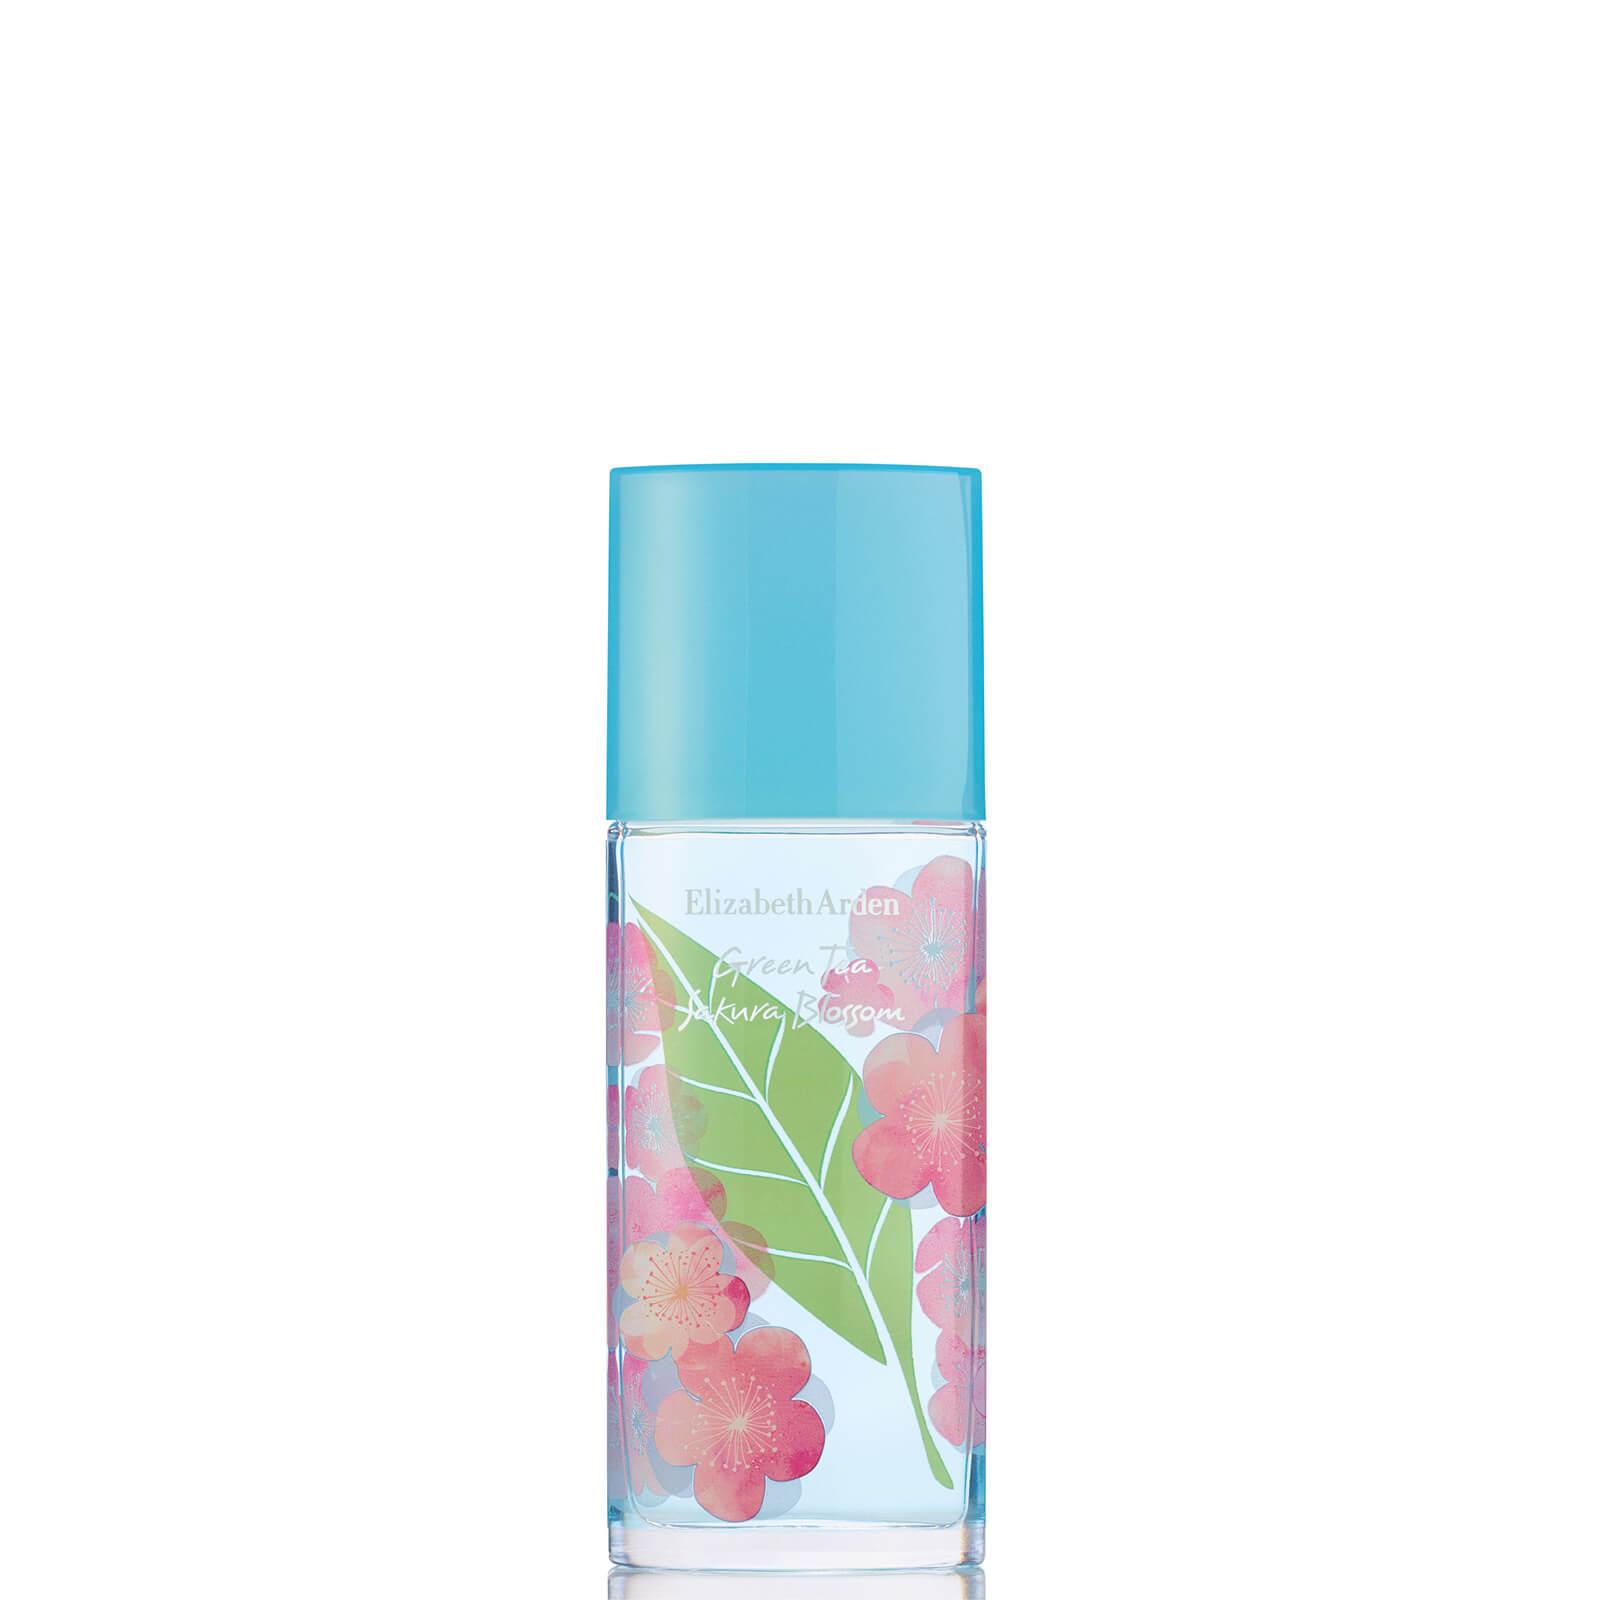 Купить Туалетная вода Elizabeth Arden Green Tea Sakura Blossom Eau de Toilette Spray 100ml